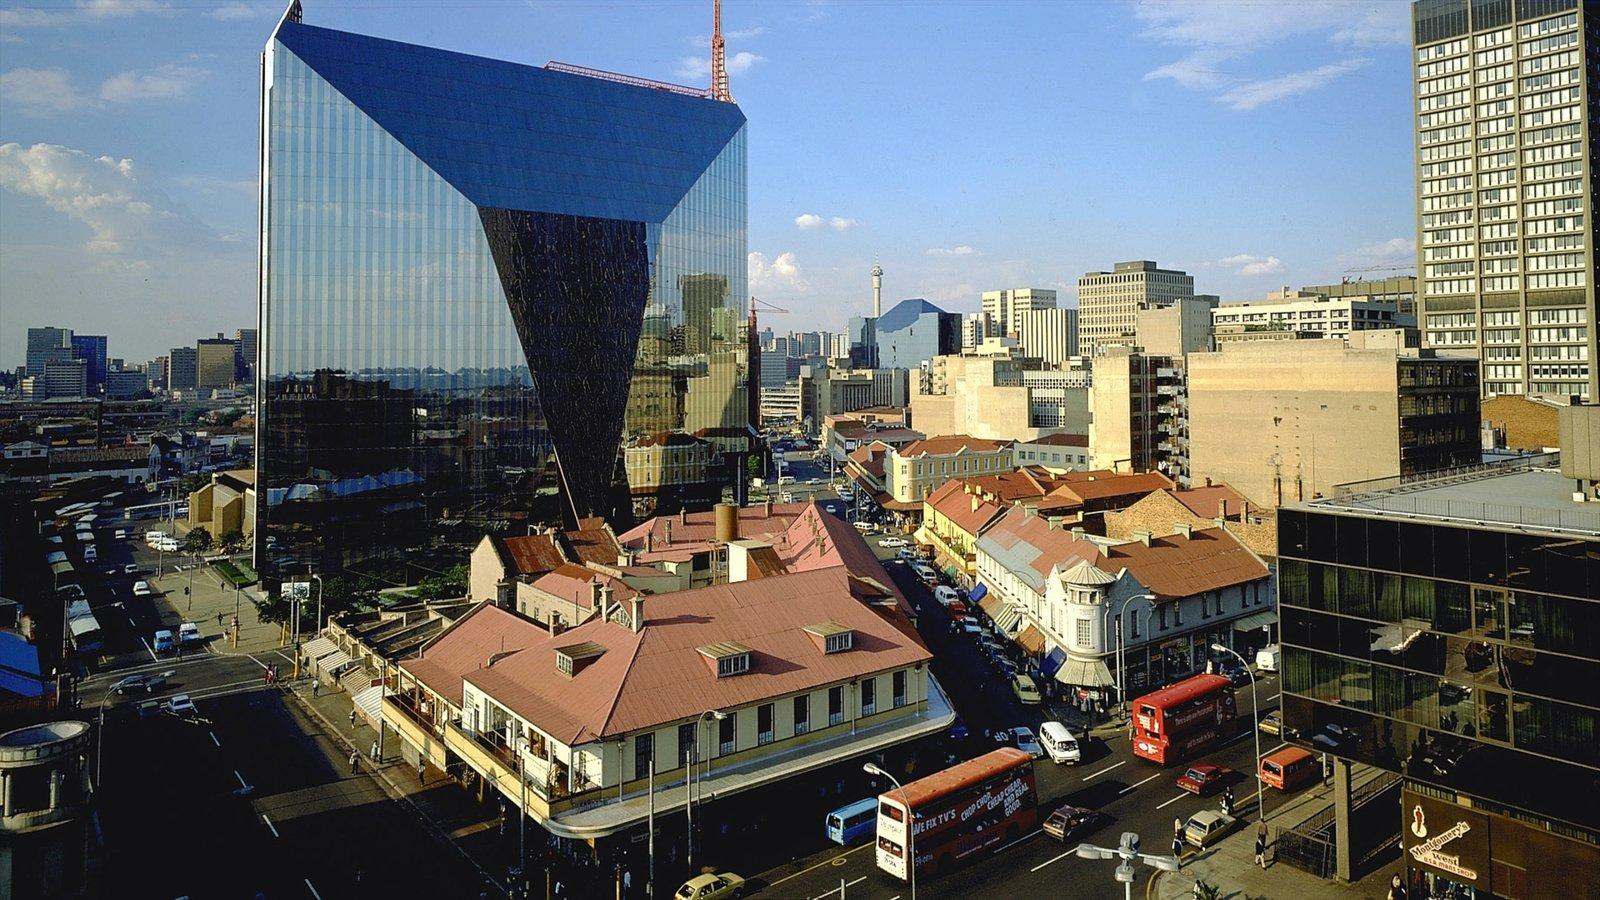 Modern Architecture Johannesburg modern architecture pictures: view images of johannesburg - gauteng